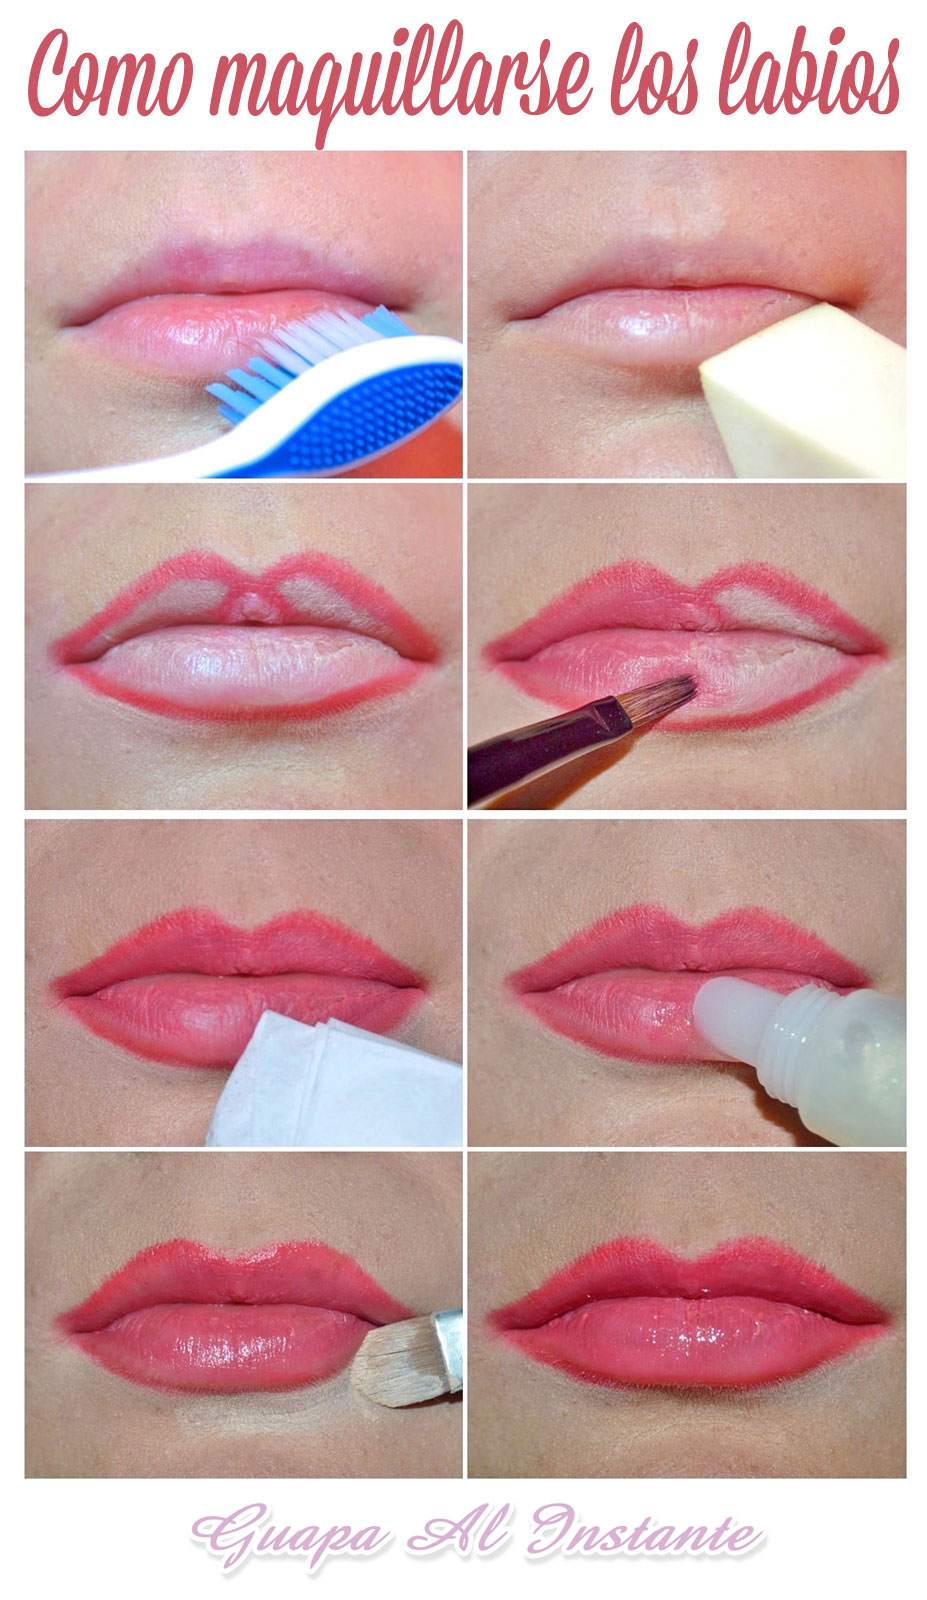 C mo maquillarse los labios perfectos paso a paso y sin - Como maquillarse paso apaso ...